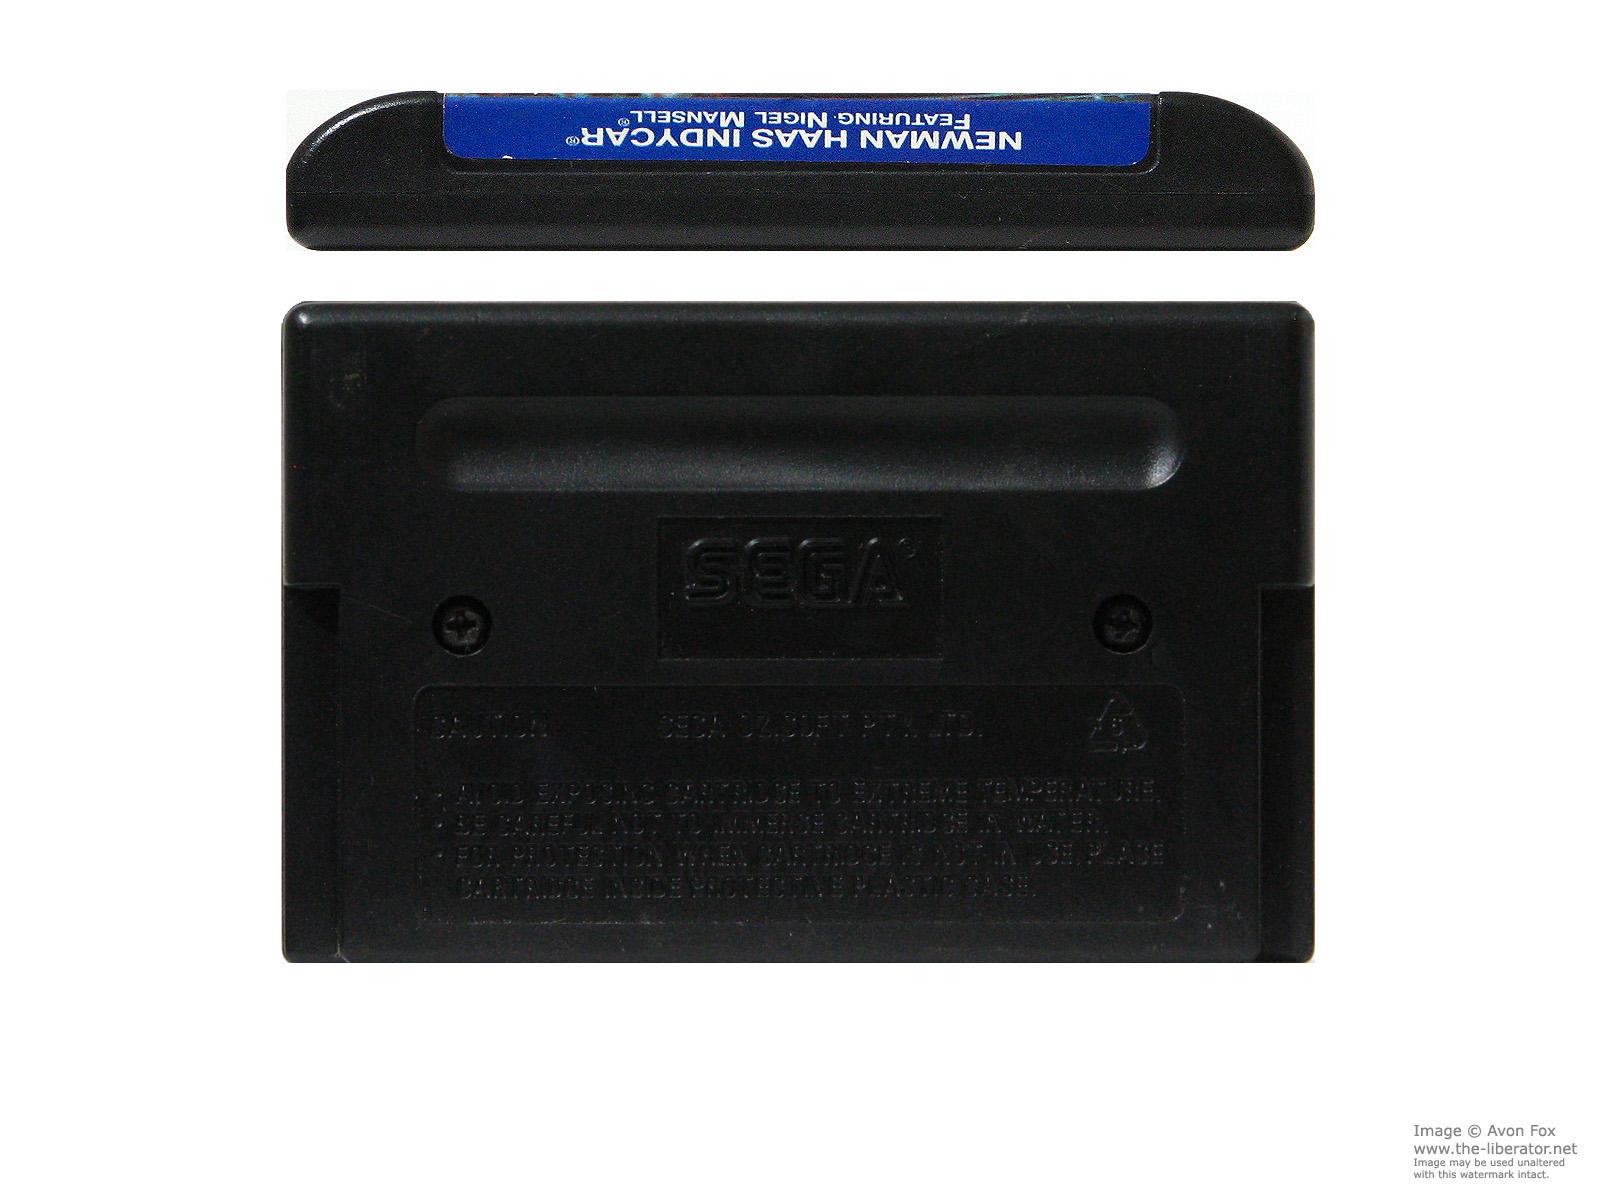 sega mega drive setup instructions